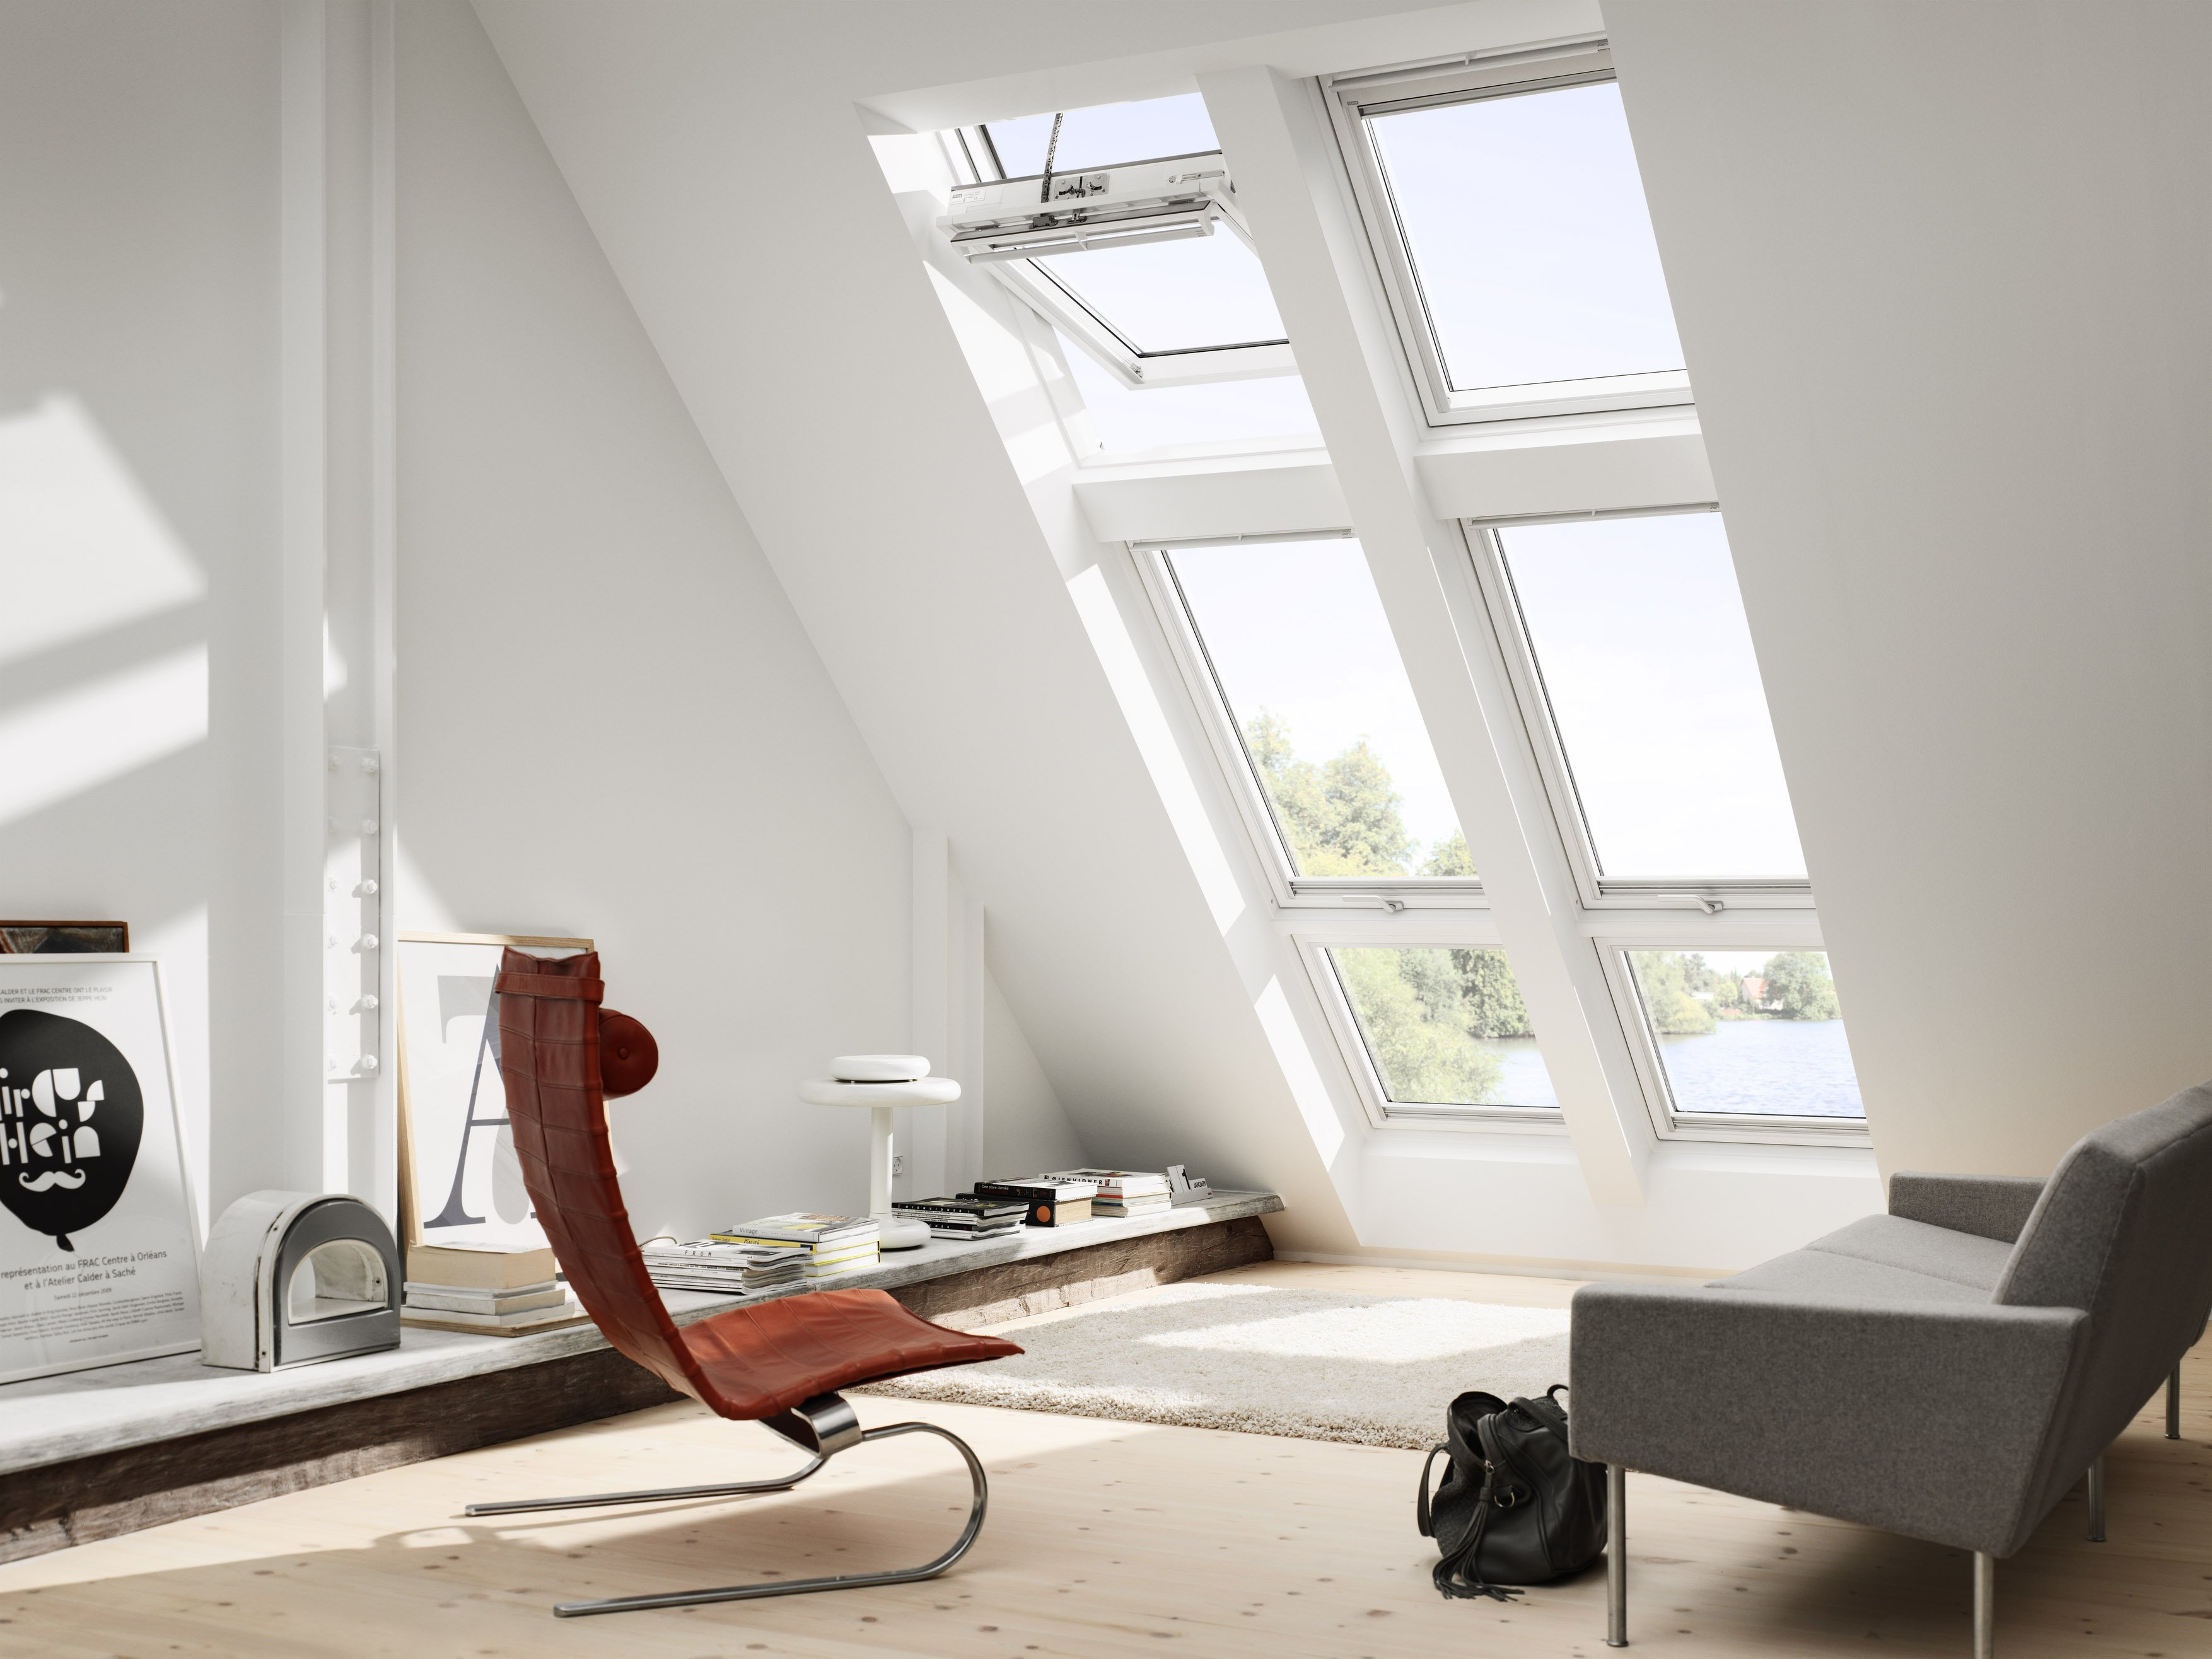 Finestre per tetti piani o a falda cose di casa for Velux tetto in legno